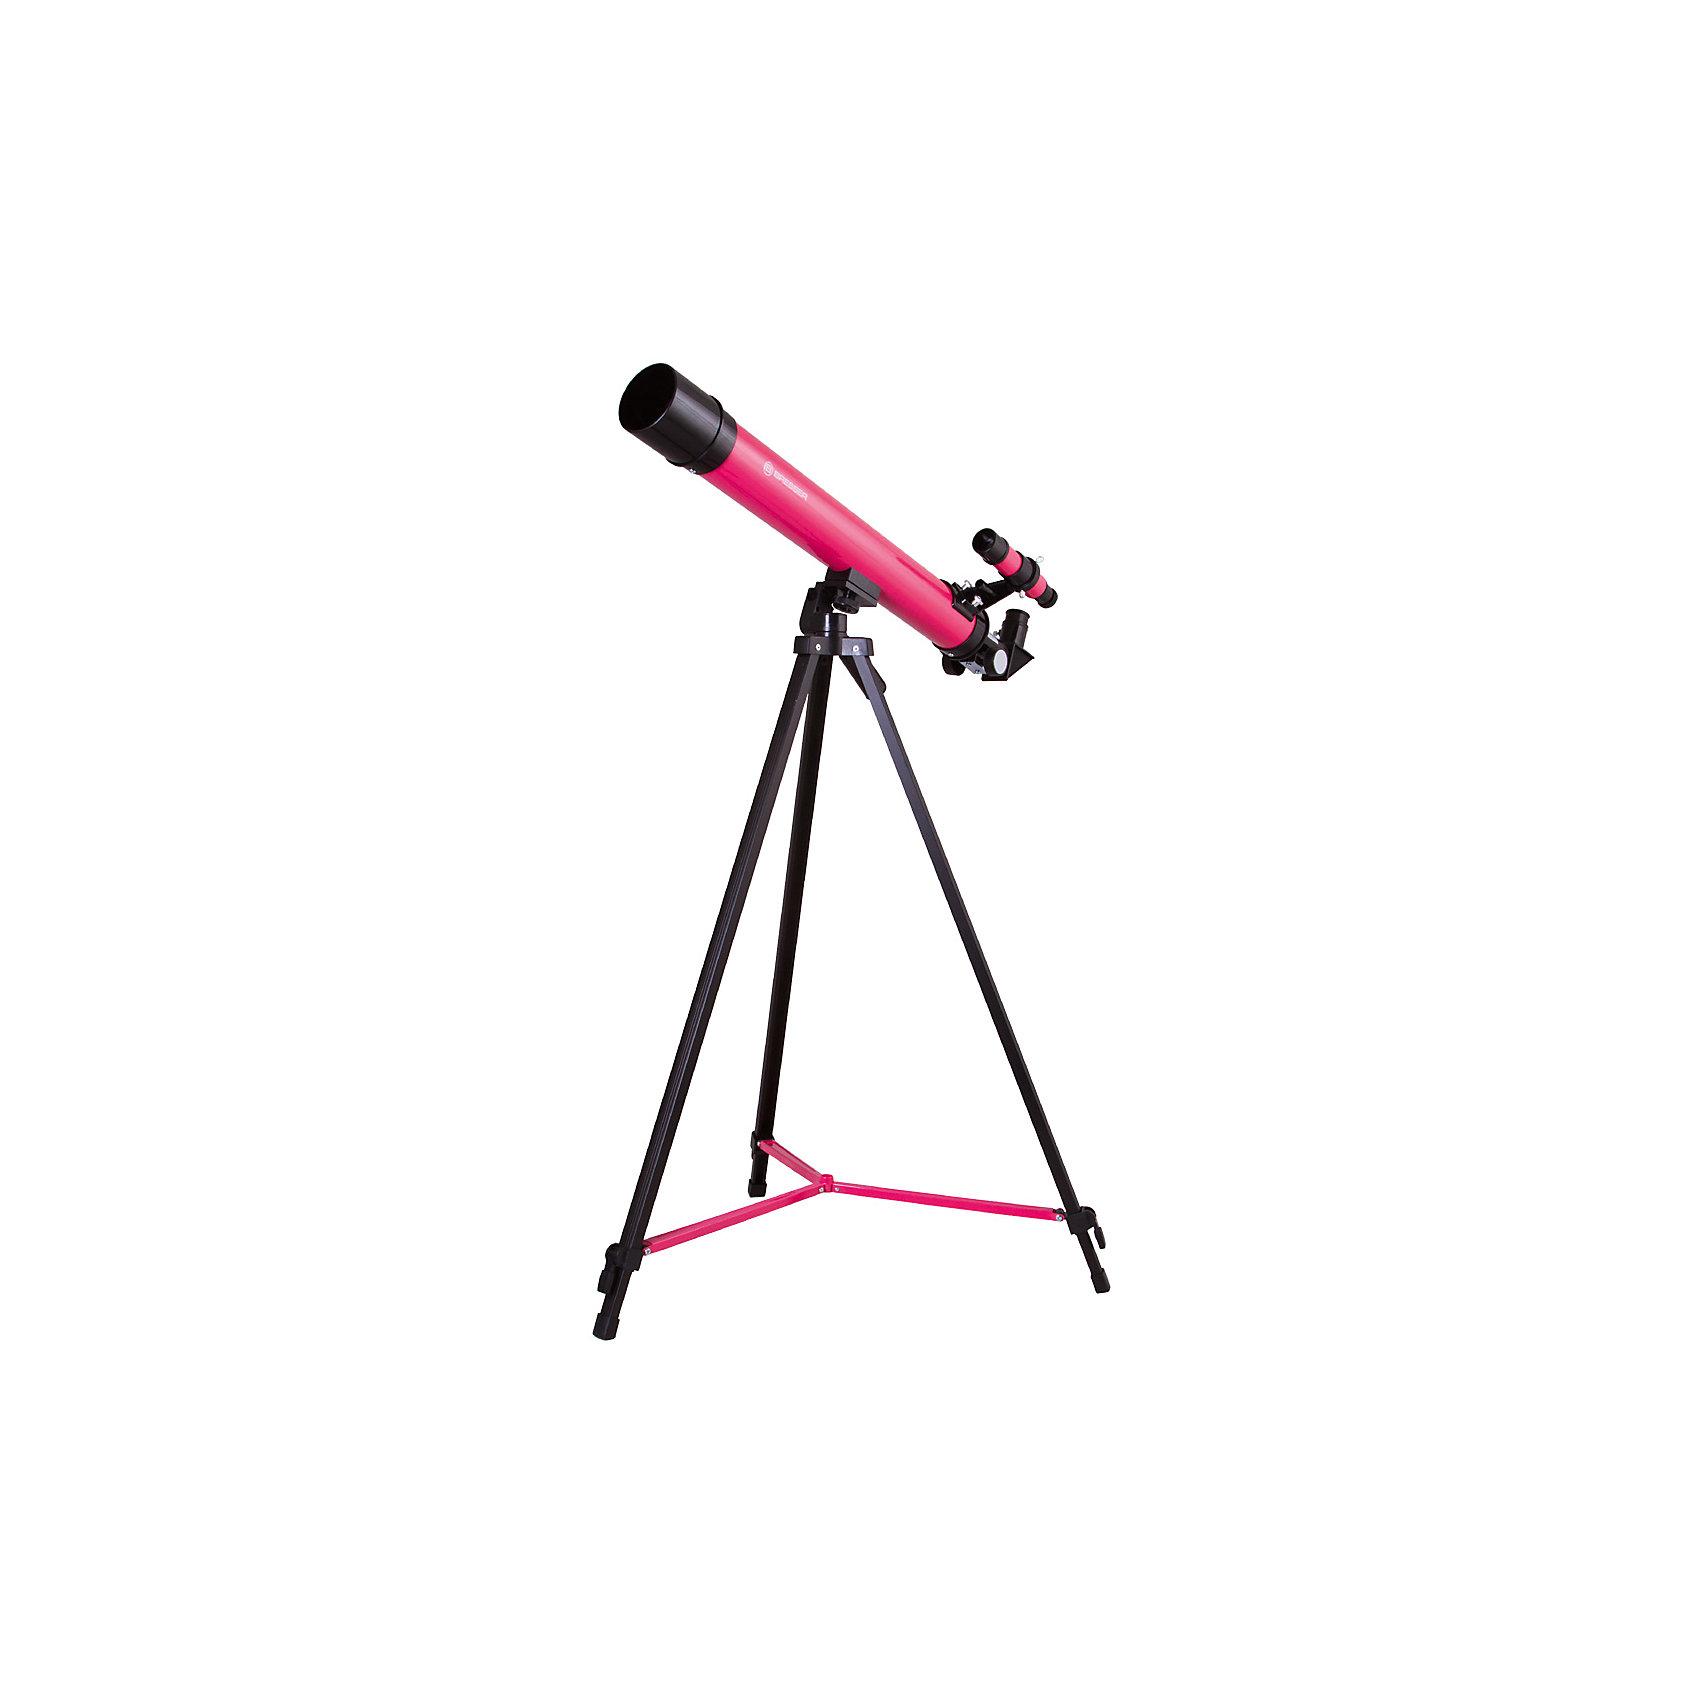 Телескоп Bresser Junior Space Explorer 45/600, розовыйТелескопы<br>Характеристики товара:<br><br>• материал: металл, пластик<br>• увеличение: до 100 крат<br>• диаметр объектива (апертура): 45 мм<br>• окуляры в комплекте: SR-6 мм и SR-12 мм, оборачивающий окуляр 1,5х<br>• искатель оптический: 6х30<br>• регулируемая алюминиевая тренога<br>• тип управления телескопом: ручной<br>• тип монтировки: азимутальная<br>• вес: 1,1 кг<br>• размер упаковки: 23х77х12 см<br>• комплектация: телескоп, окуляры, зеркало, тренога, карта<br>• страна бренда: Германия<br><br>Телескоп - это отличный способ заинтересовать ребенка наблюдениями за небесными телами и привить ему интерес к учебе. Эта модель была разработана специально для детей - он позволяет увеличивать предметы из космоса и изучать их. Благодаря легкому и прочному корпусу телескоп удобно брать с собой!<br><br>Оптические приборы от немецкой компании Bresser уже успели зарекомендовать себя как качественная и надежная продукция. Для их производства используются только безопасные и проверенные материалы. Такой прибор способен прослужить долго. Подарите ребенку интересную и полезную вещь!<br><br>Телескоп Bresser Junior Space Explorer 45/600, розовый, от известного бренда Bresser (Брессер) можно купить в нашем интернет-магазине.<br><br>Ширина мм: 770<br>Глубина мм: 230<br>Высота мм: 125<br>Вес г: 2210<br>Возраст от месяцев: 60<br>Возраст до месяцев: 2147483647<br>Пол: Унисекс<br>Возраст: Детский<br>SKU: 5435328